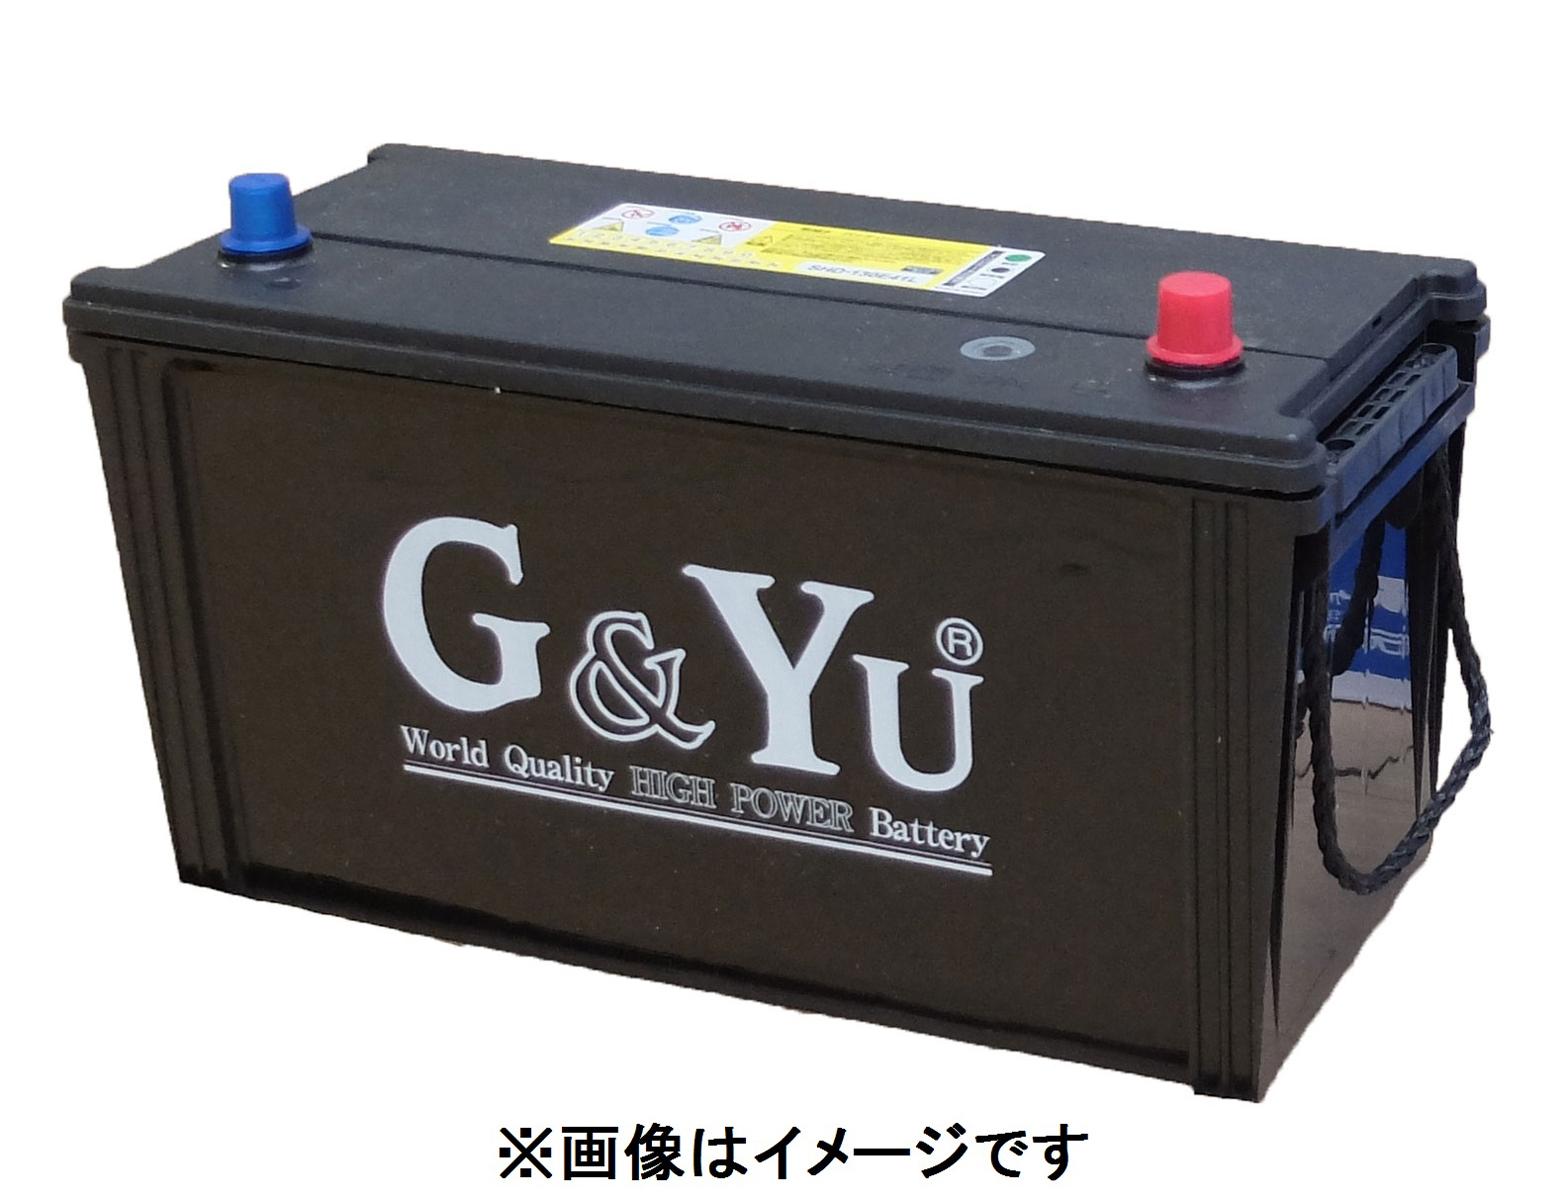 G&Yu バッテリー SHD-130E41R